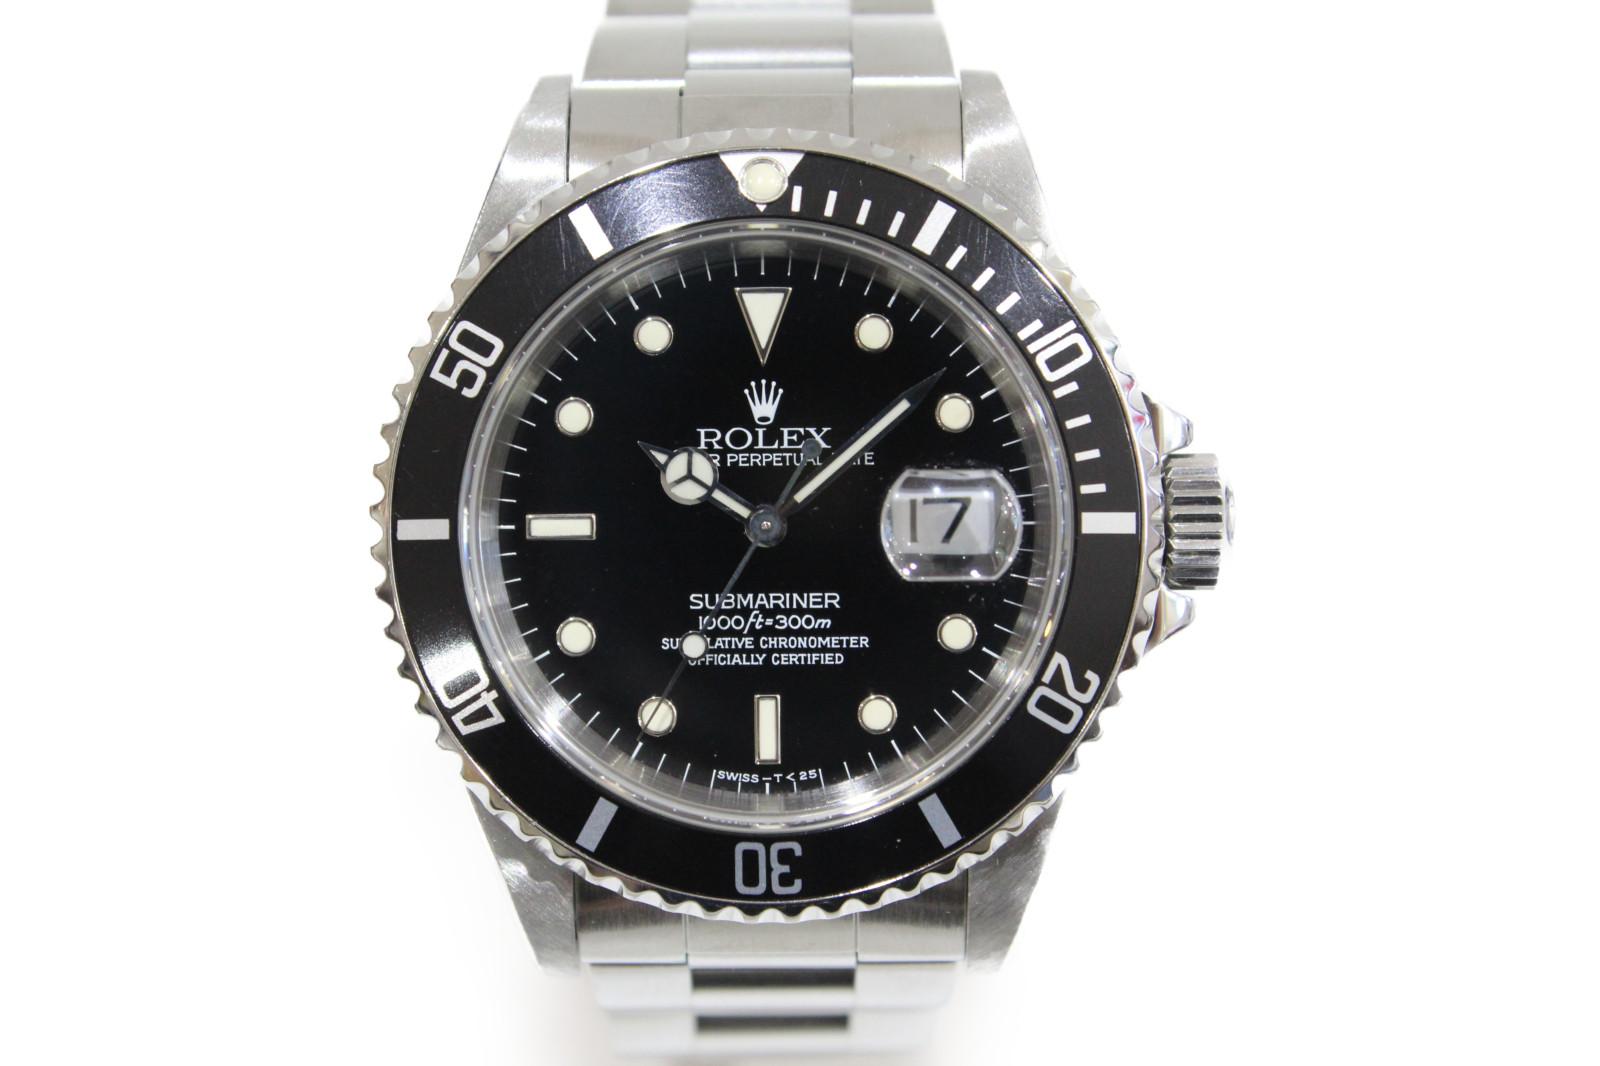 【OH済み】ROLEX ロレックス サブマリーナーデイト 16610 W番 自動巻き デイト 300M防水 SS ステンレススチール ブラック メンズ 腕時計【中古】